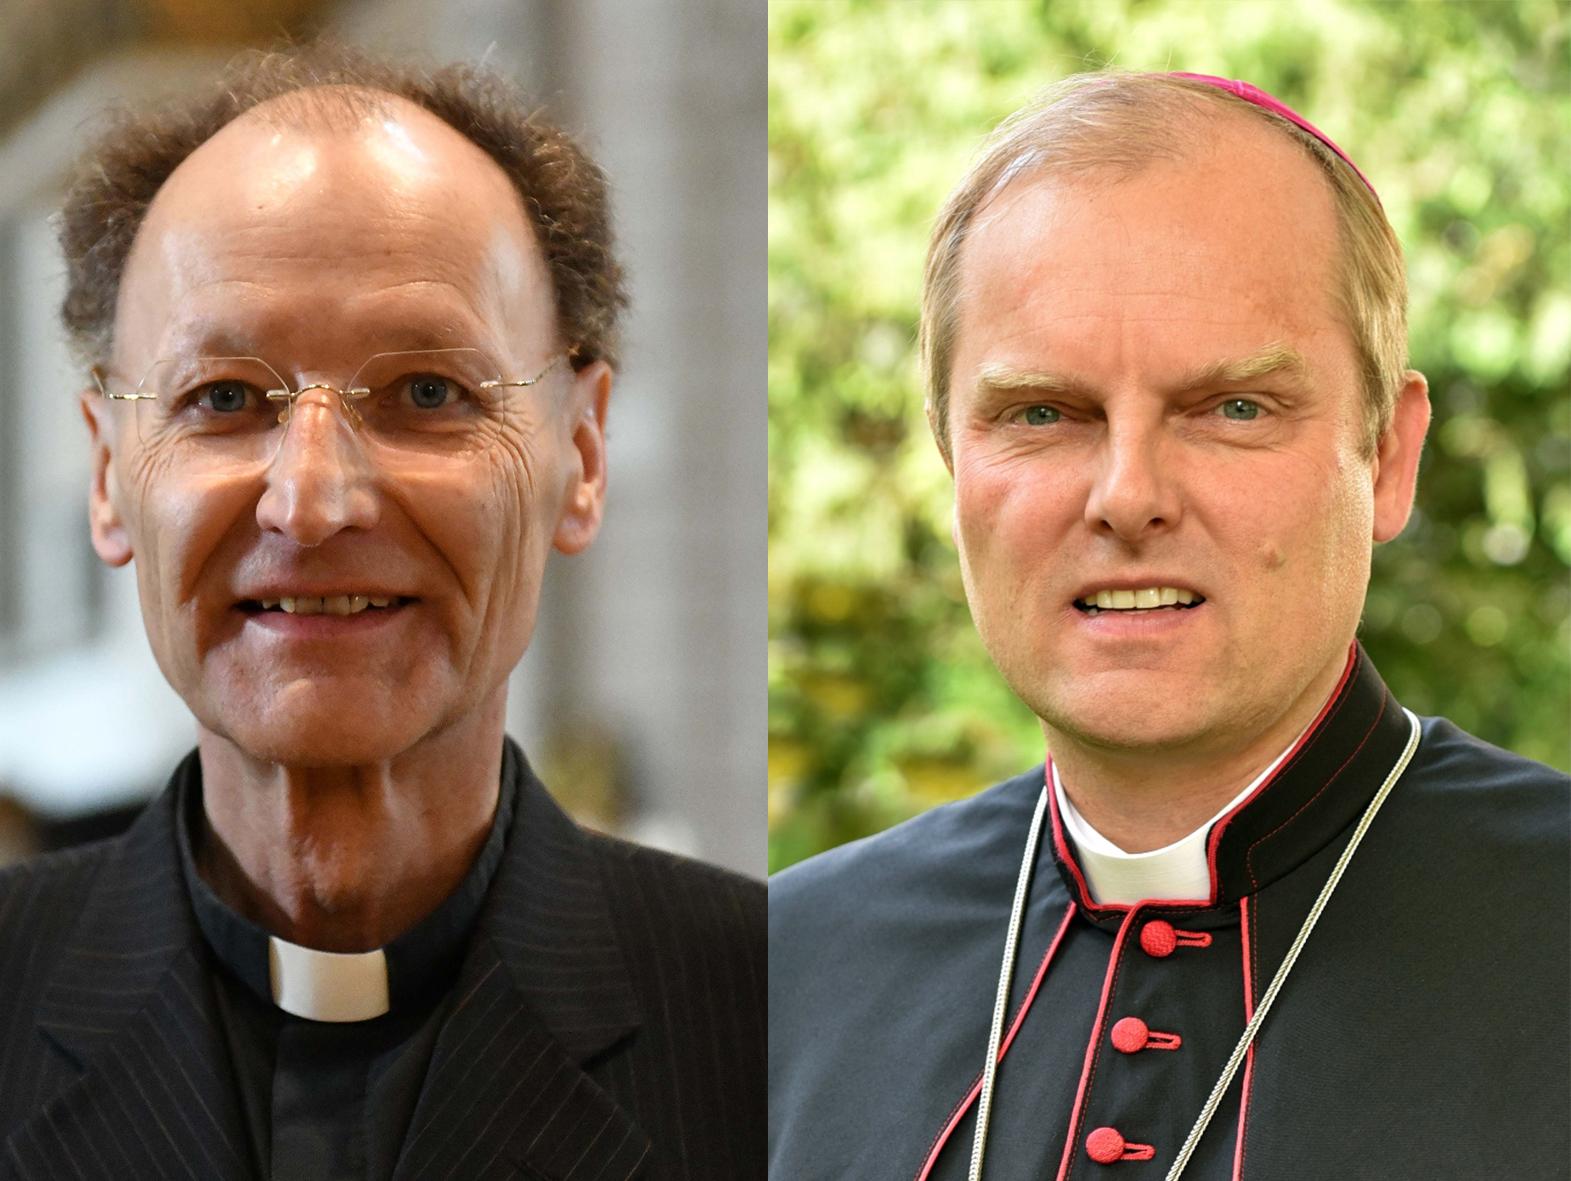 Der neue Domdekan Msgr. Dr. Wolfgang Hacker (links) und Weihbischof Florian Wörner, neuer Domkapitular (rechts). (Fotos: Daniel Jäckel; Nicolas Schnall / pba)